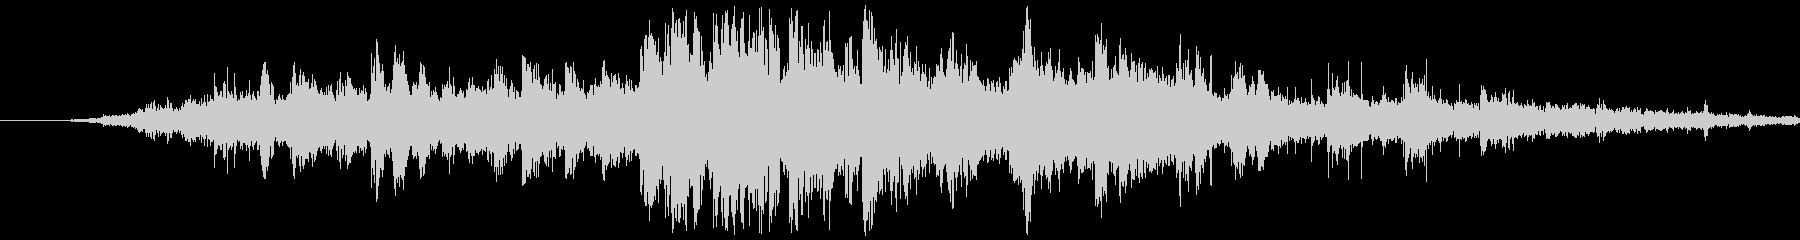 エルロシオカレタYレリンコス2の未再生の波形